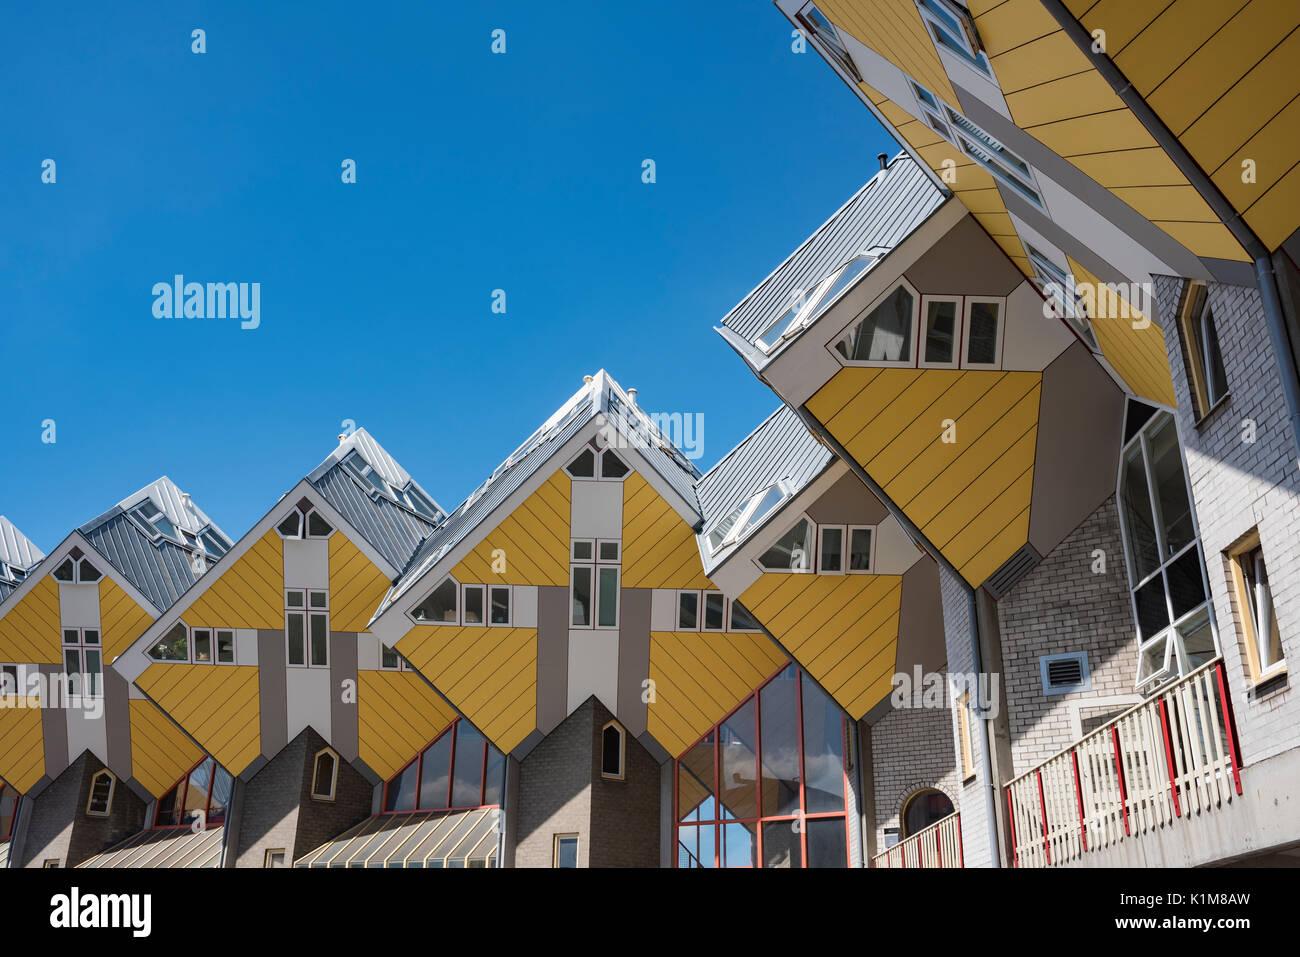 Cube, cube Architektur, Architekten Piet Blom, Blaak, Rotterdam, Holland, Niederlande Stockbild